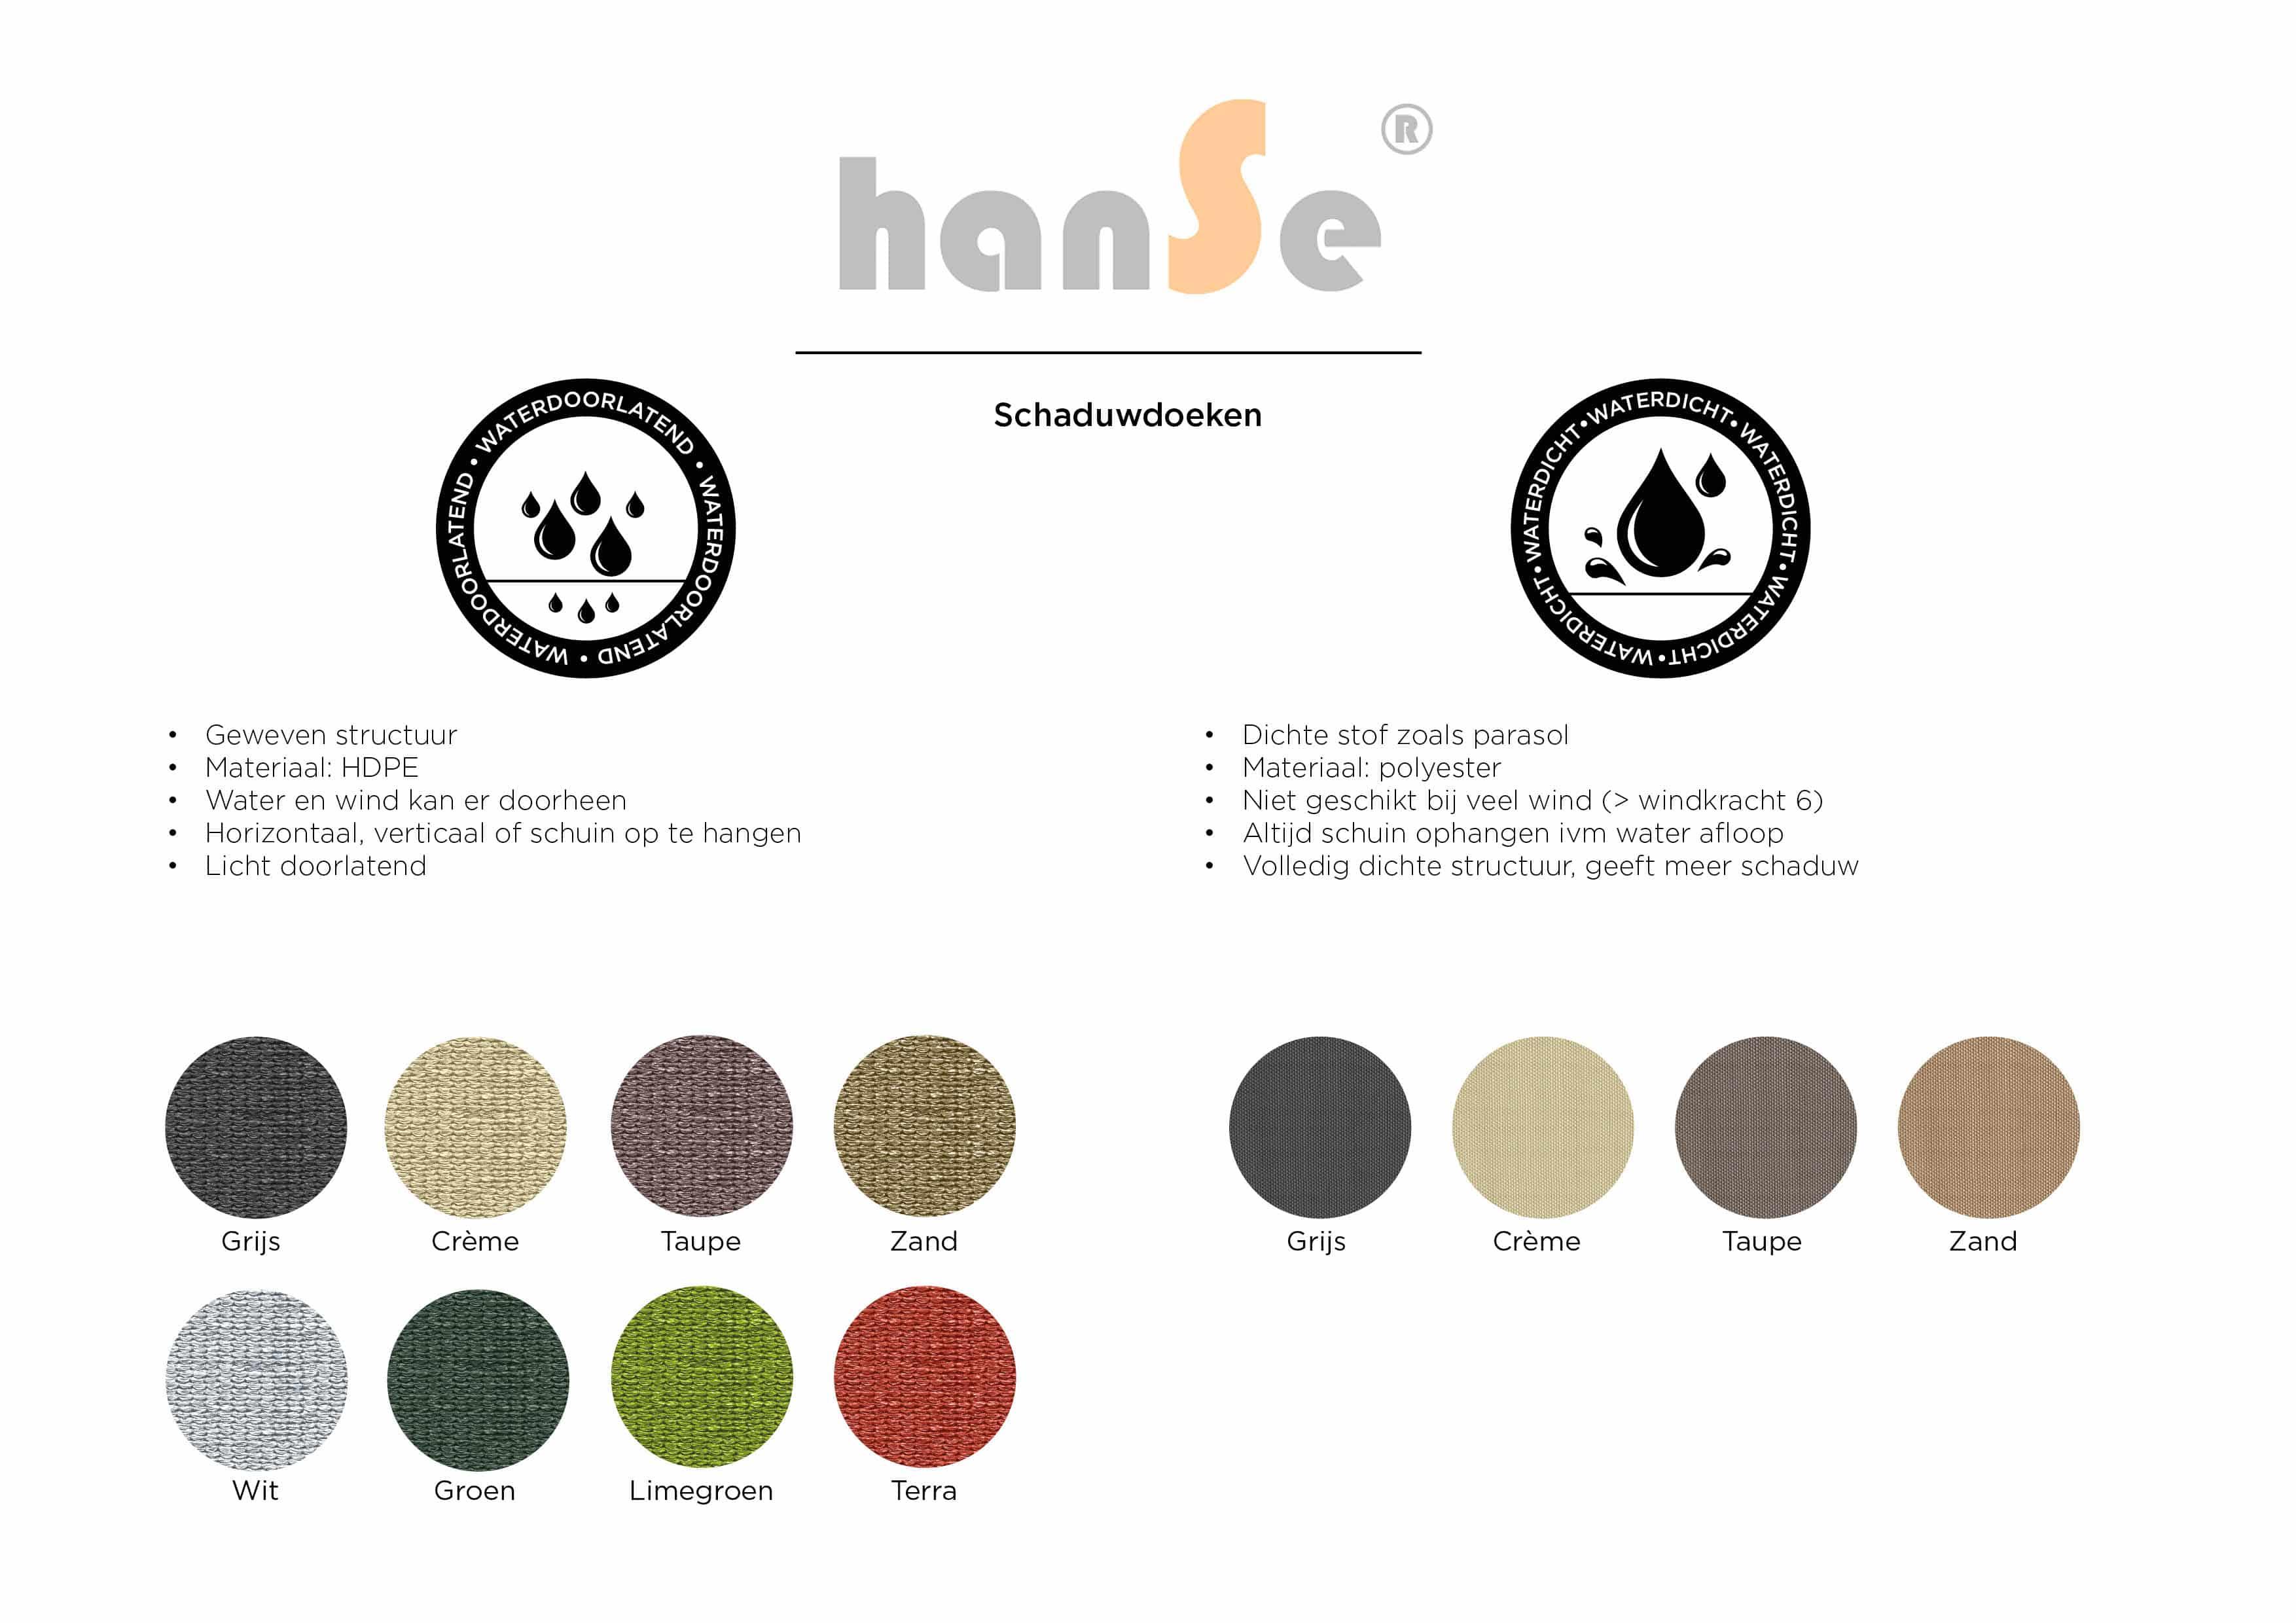 hanSe® Schaduwdoek Rechthoek Waterdoorlatend 2,5x3 m - zonnedoek Grijs